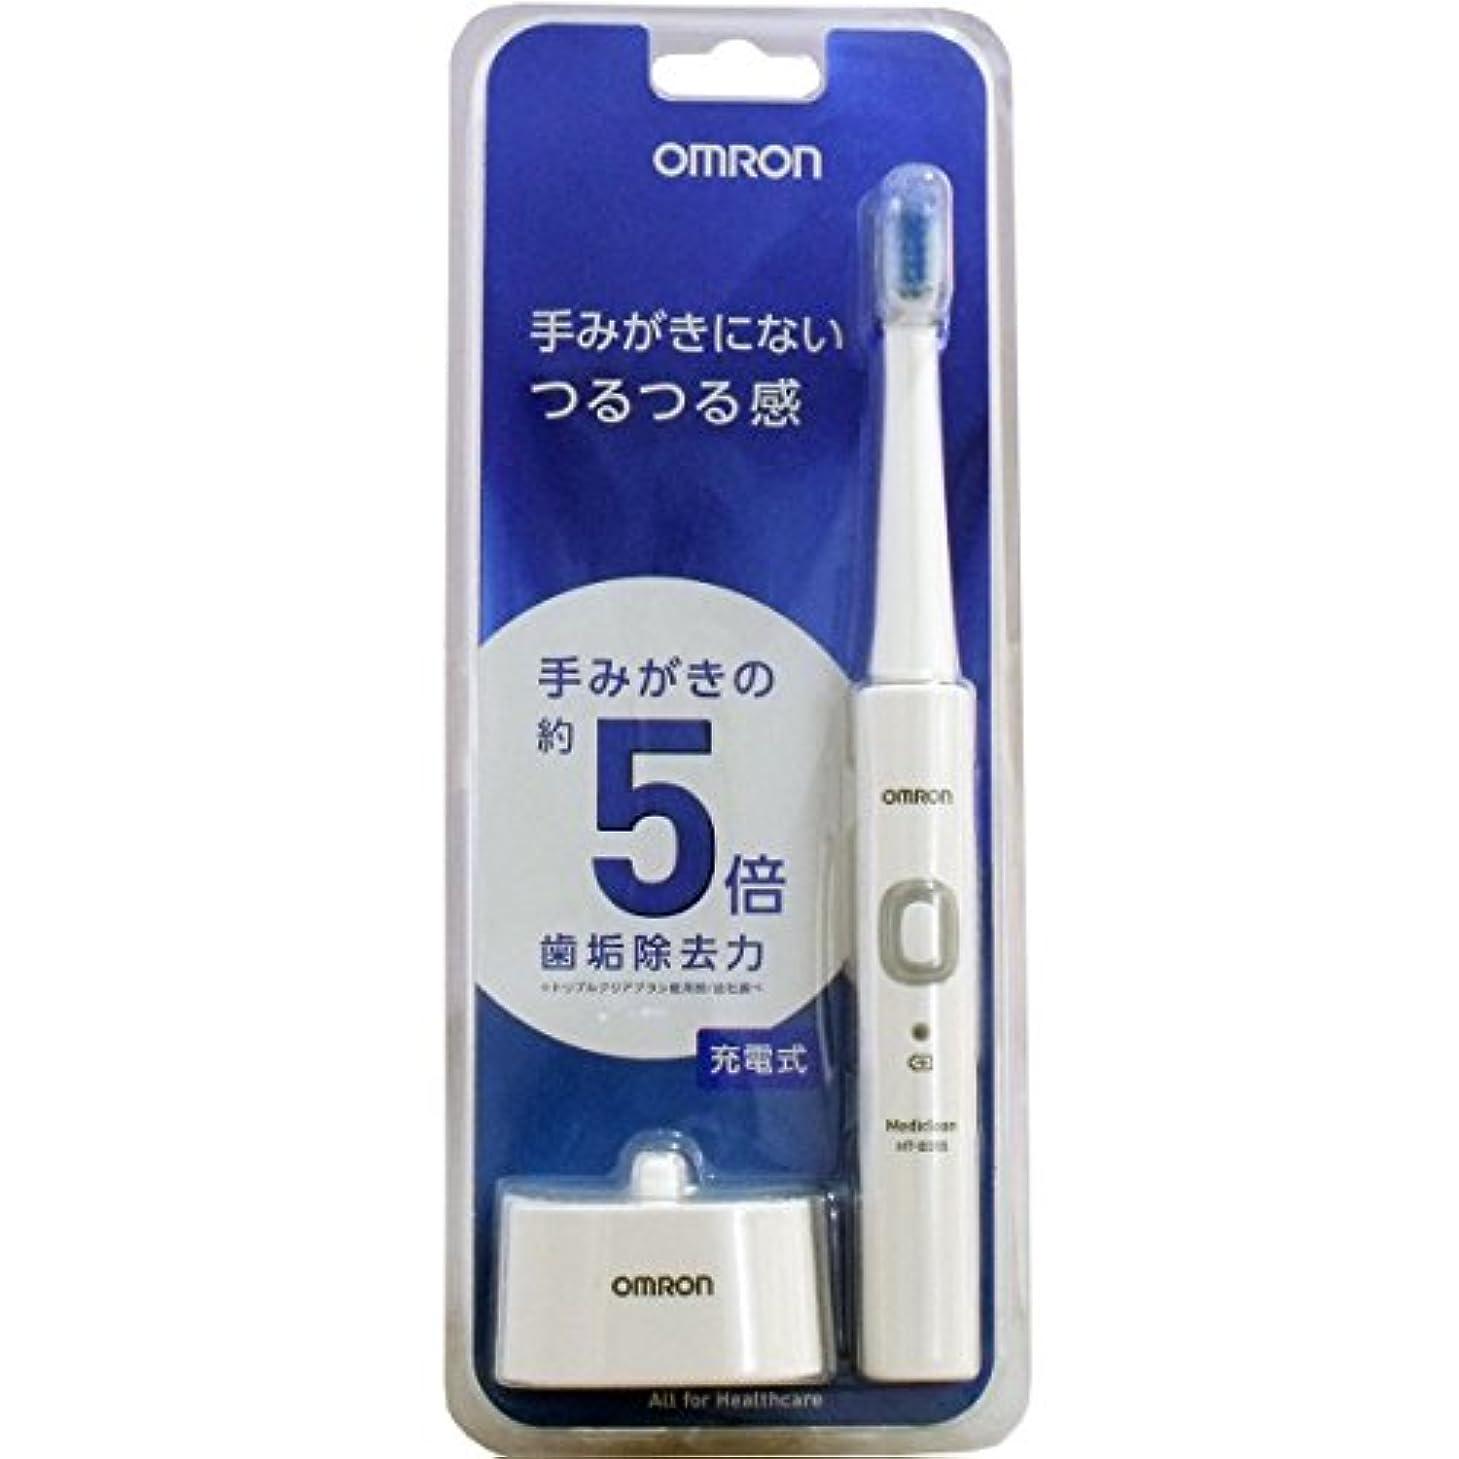 抵抗力がある晩ごはんの中でオムロン電動歯ブラシHT-B305-W